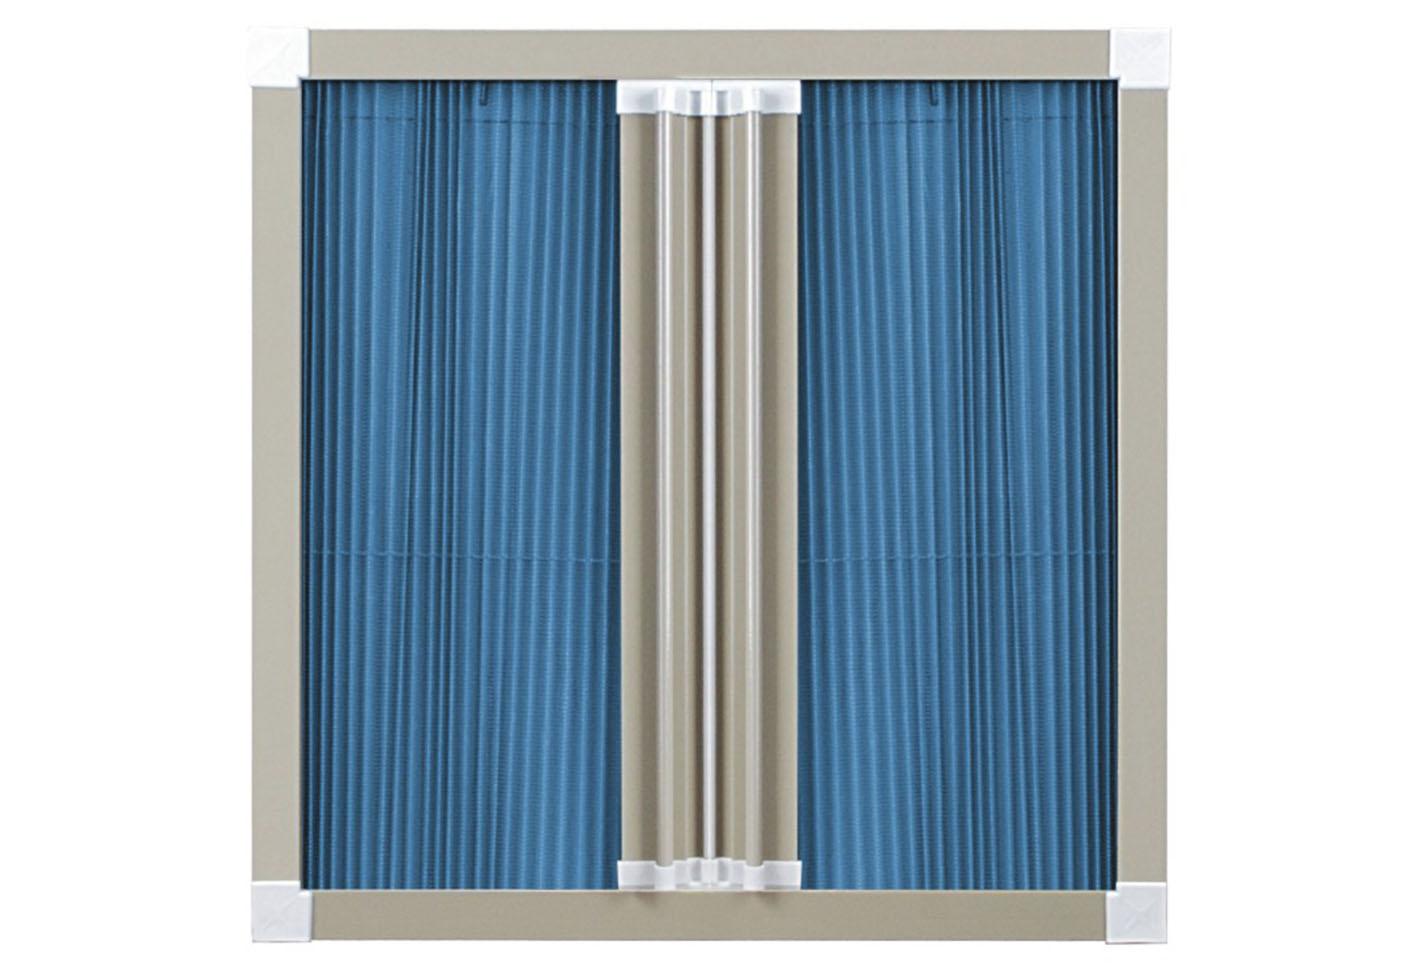 广西折叠窗纱 折叠窗纱厂家